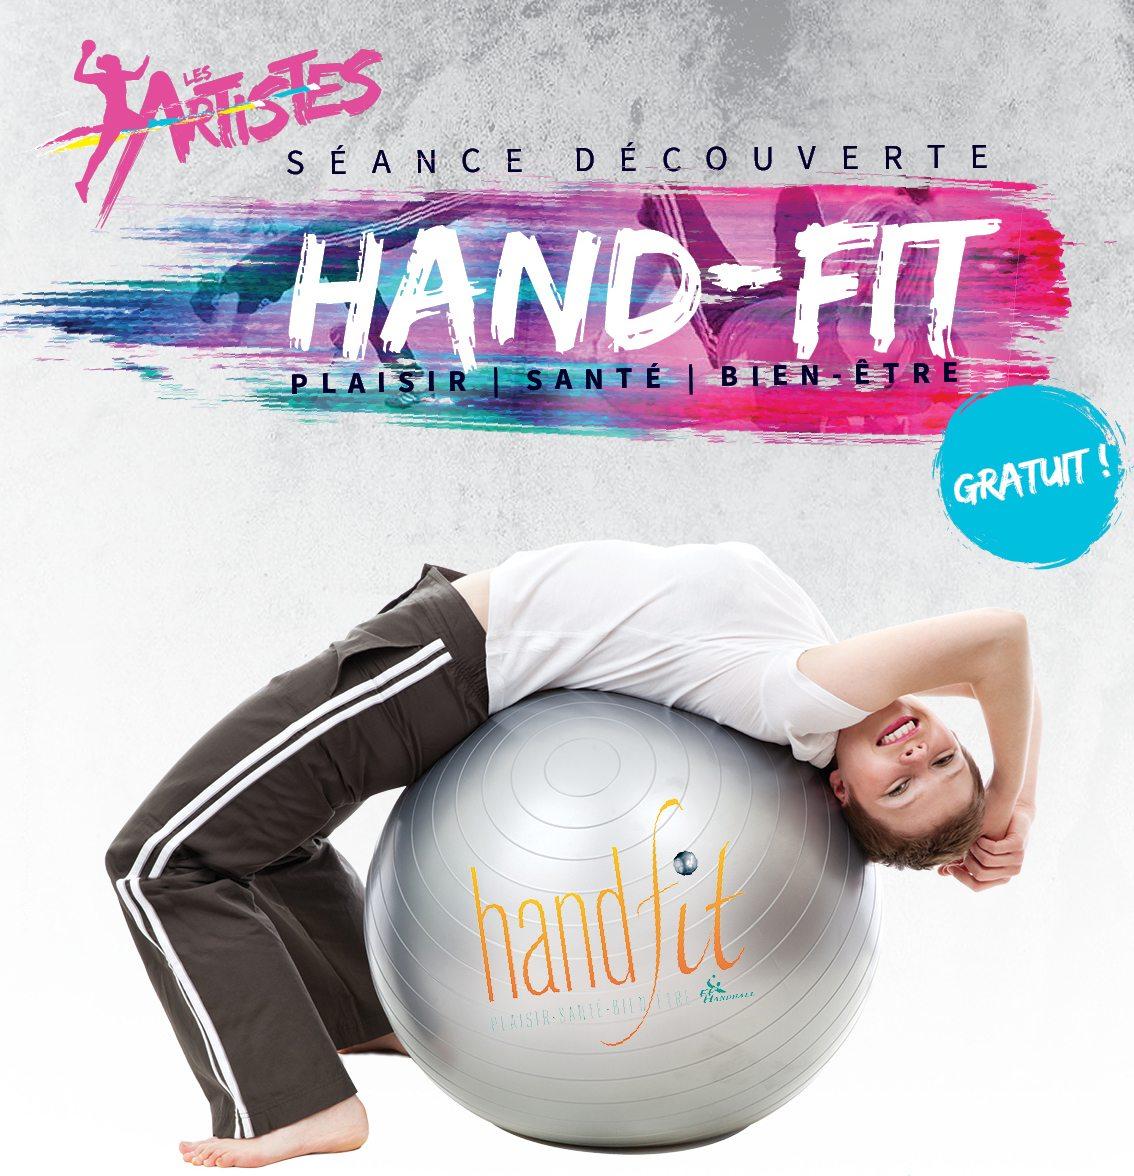 handfit-site